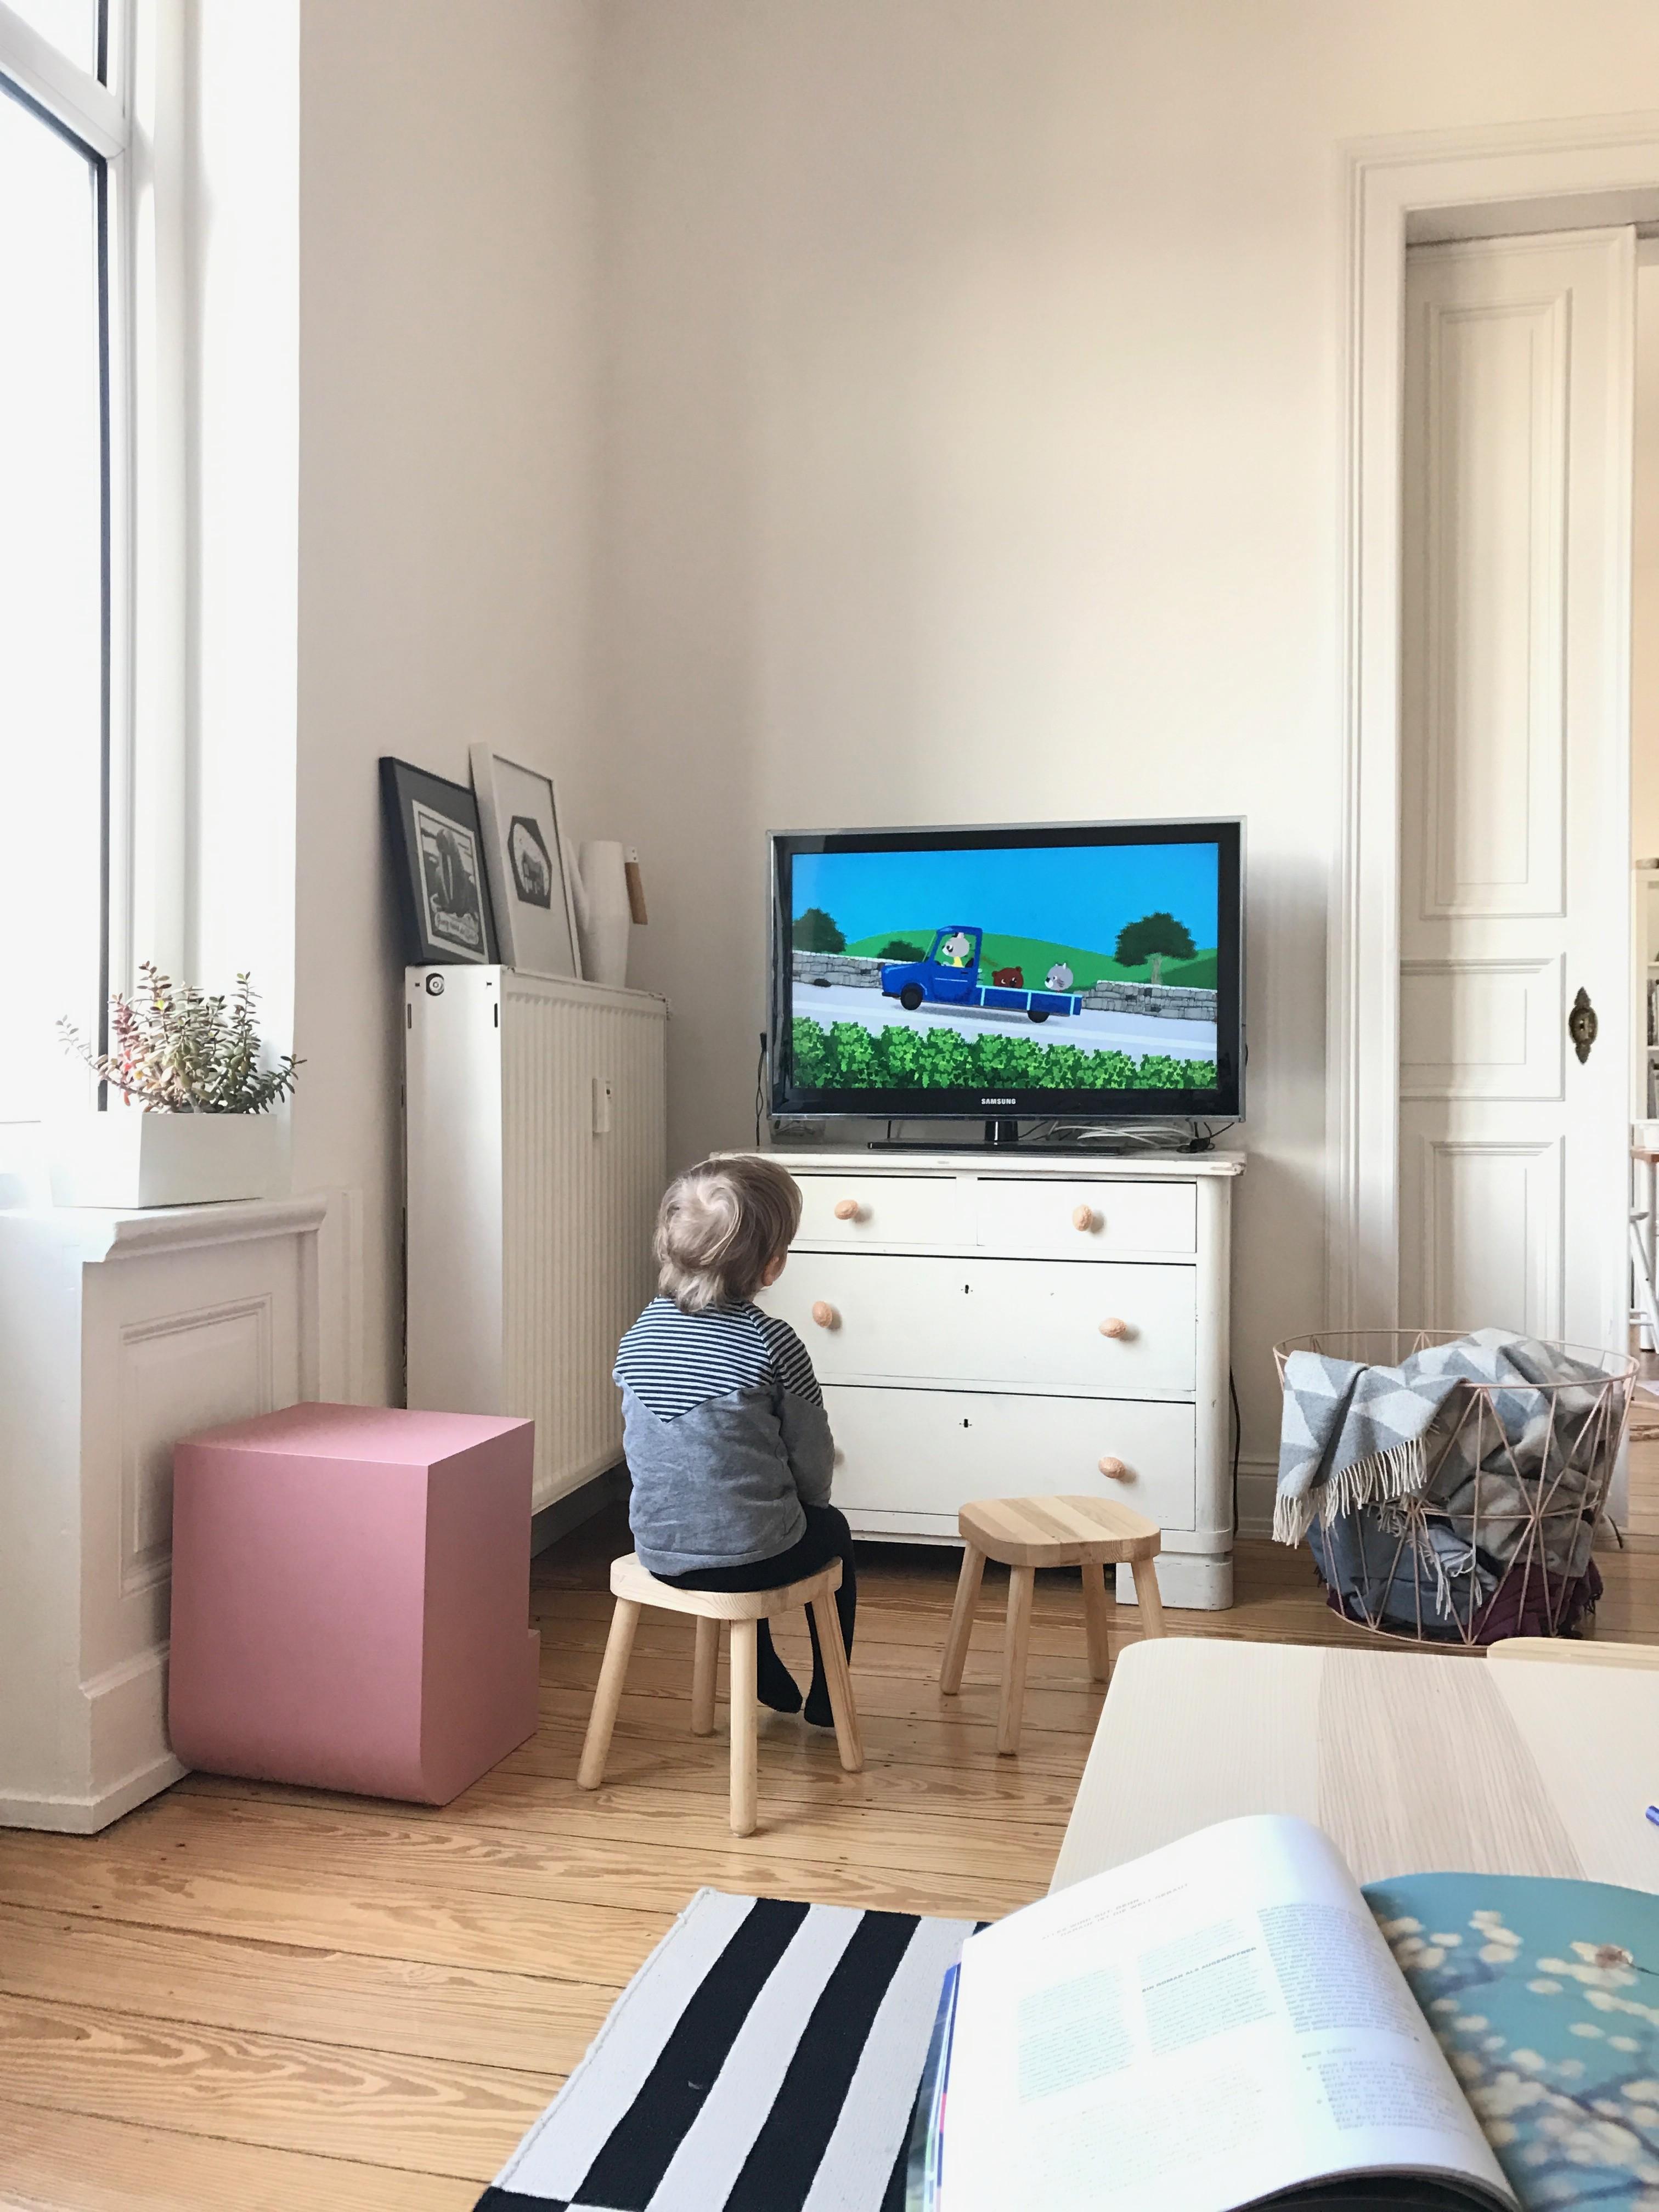 Dürfen Kinder fernsehen? Mediennutzung von Kindern mit Netflix